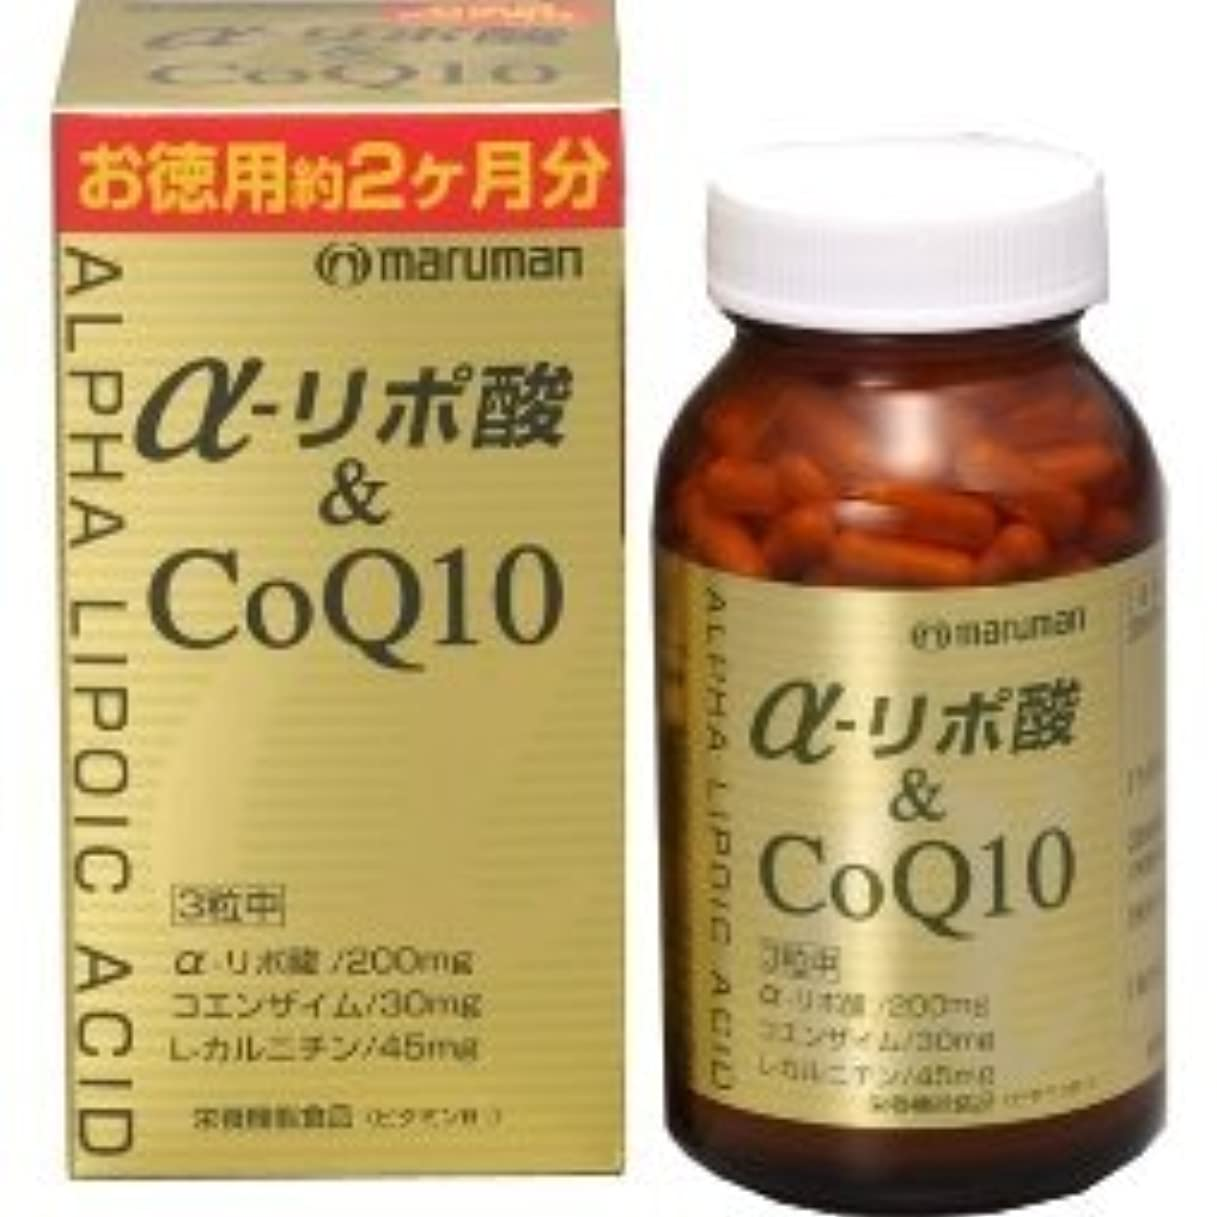 いいね通知する百万αリポ酸&COQ10 180粒